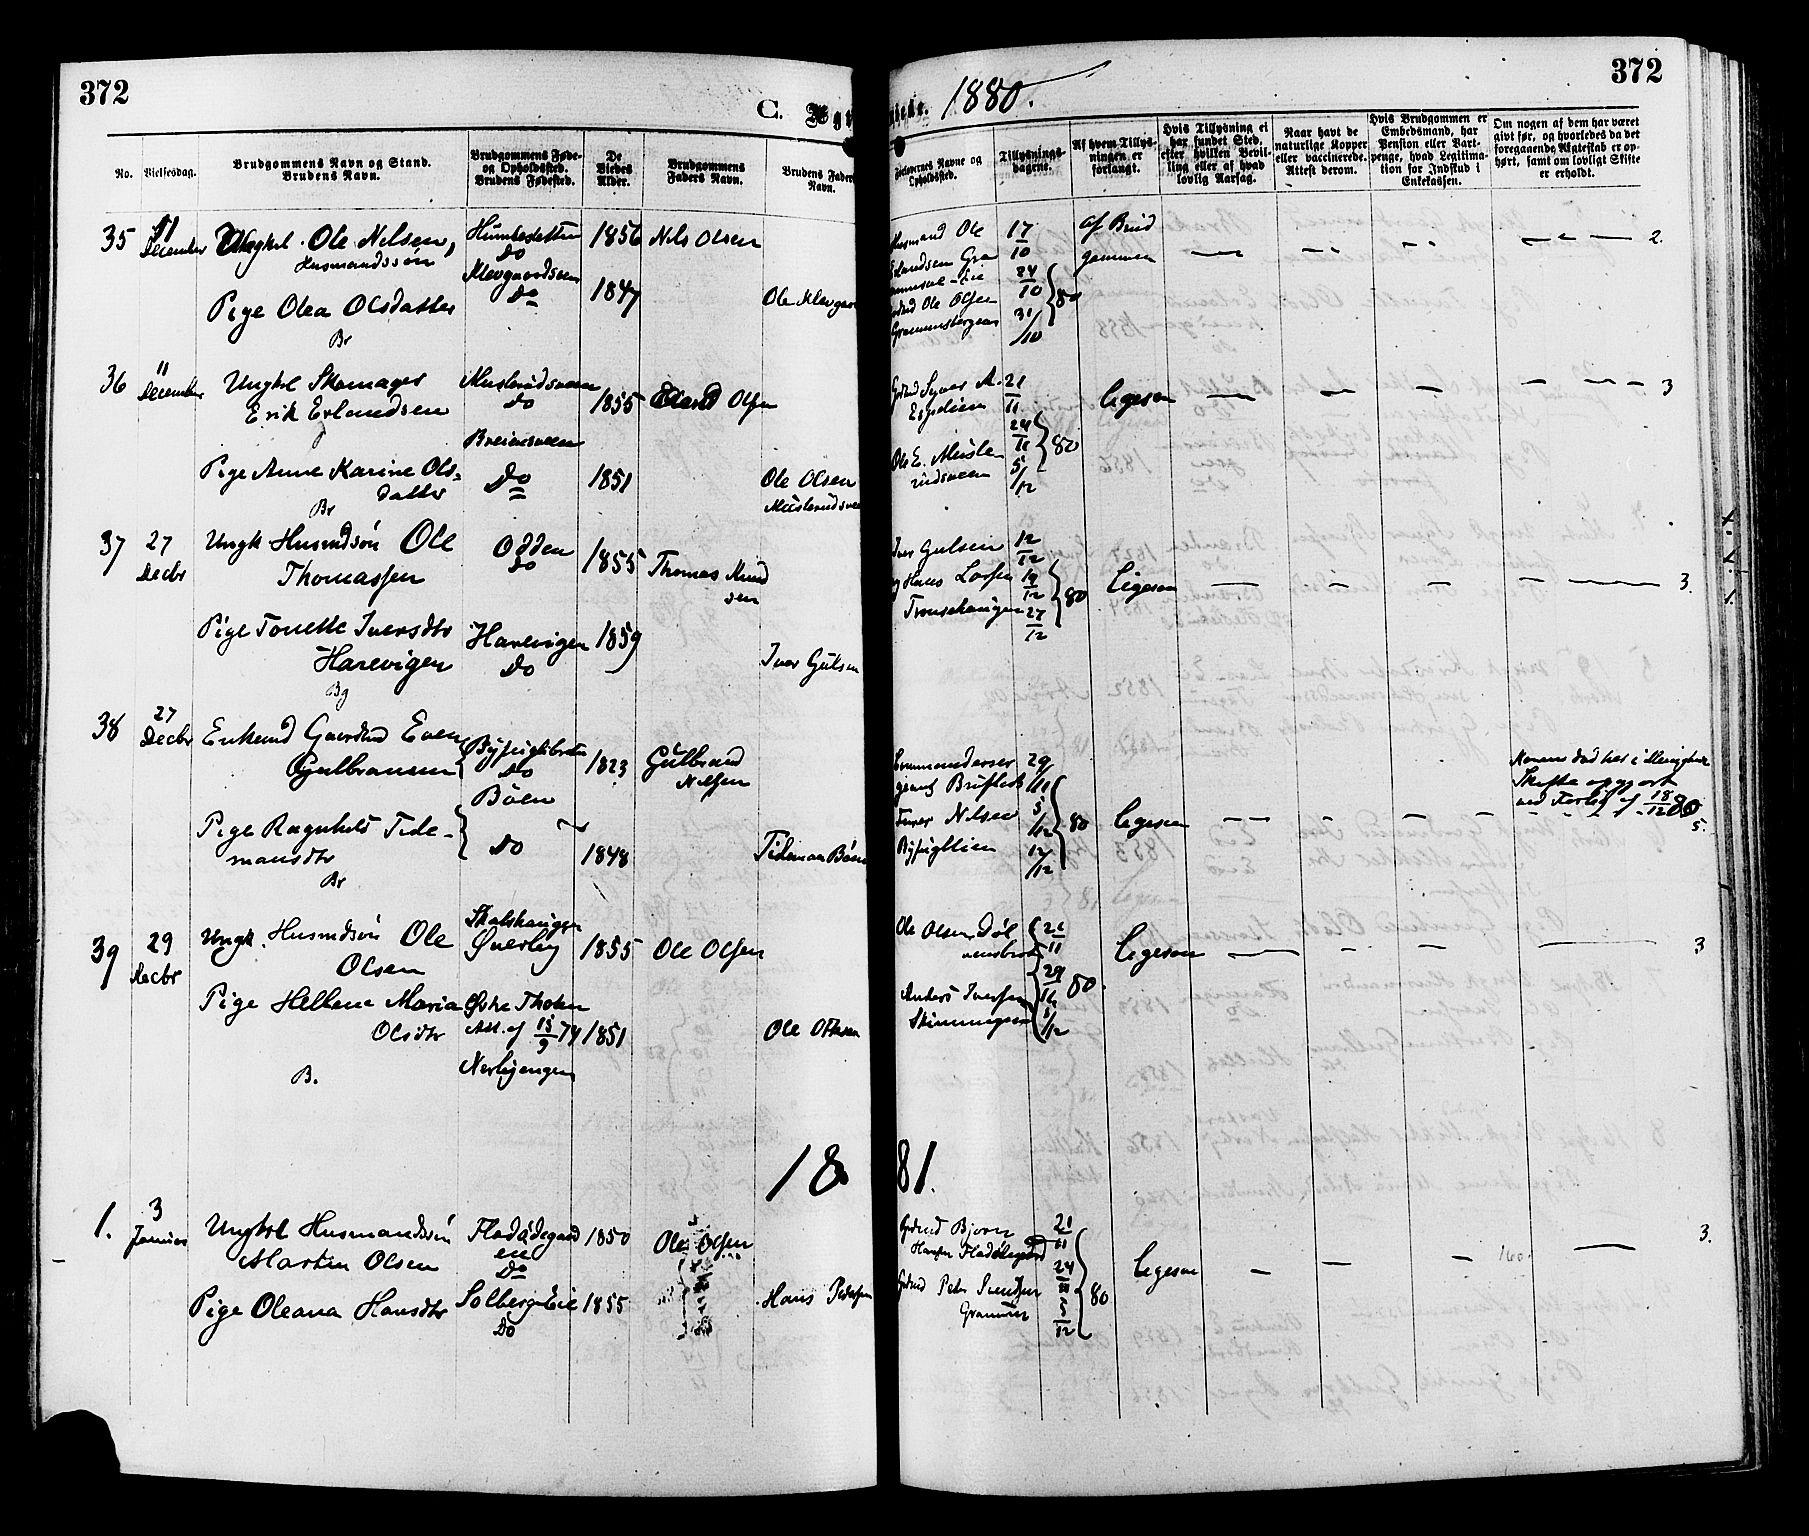 SAH, Sør-Aurdal prestekontor, Ministerialbok nr. 8, 1877-1885, s. 372